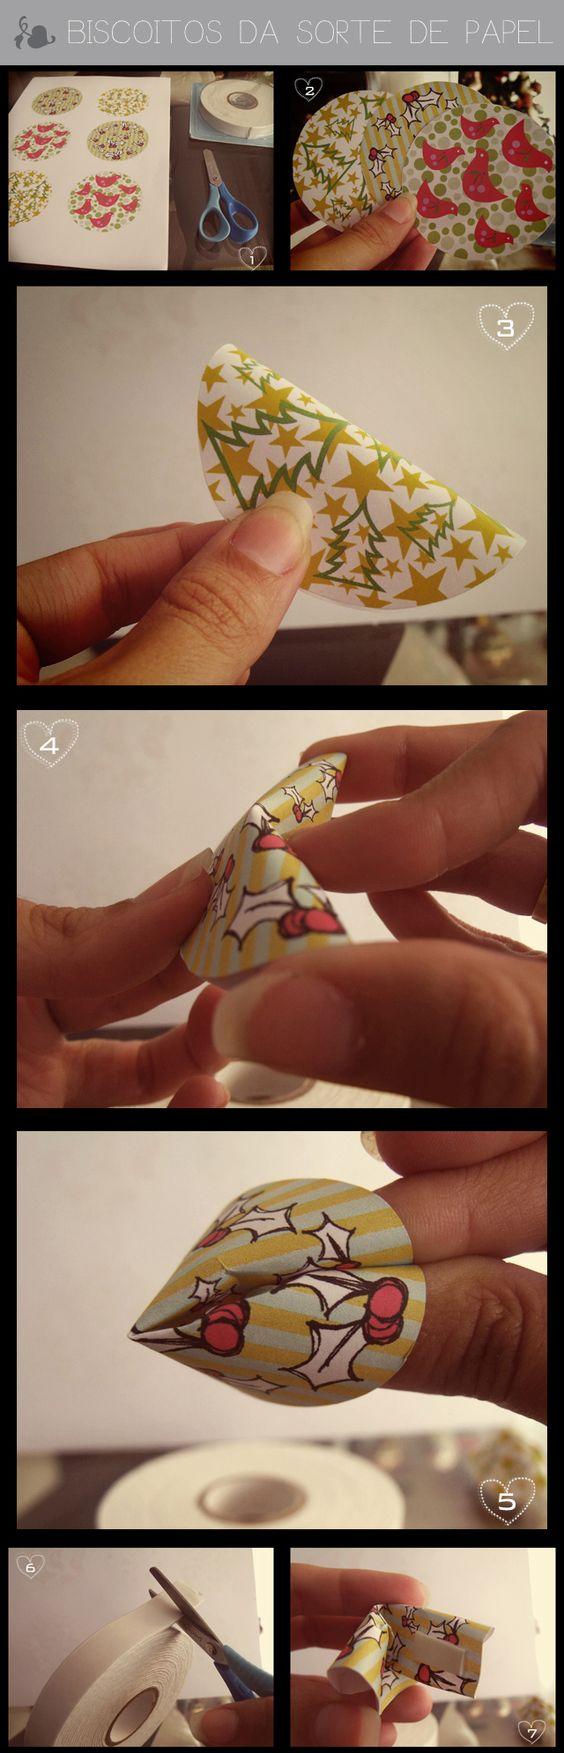 biscoito da sorte de papel-01